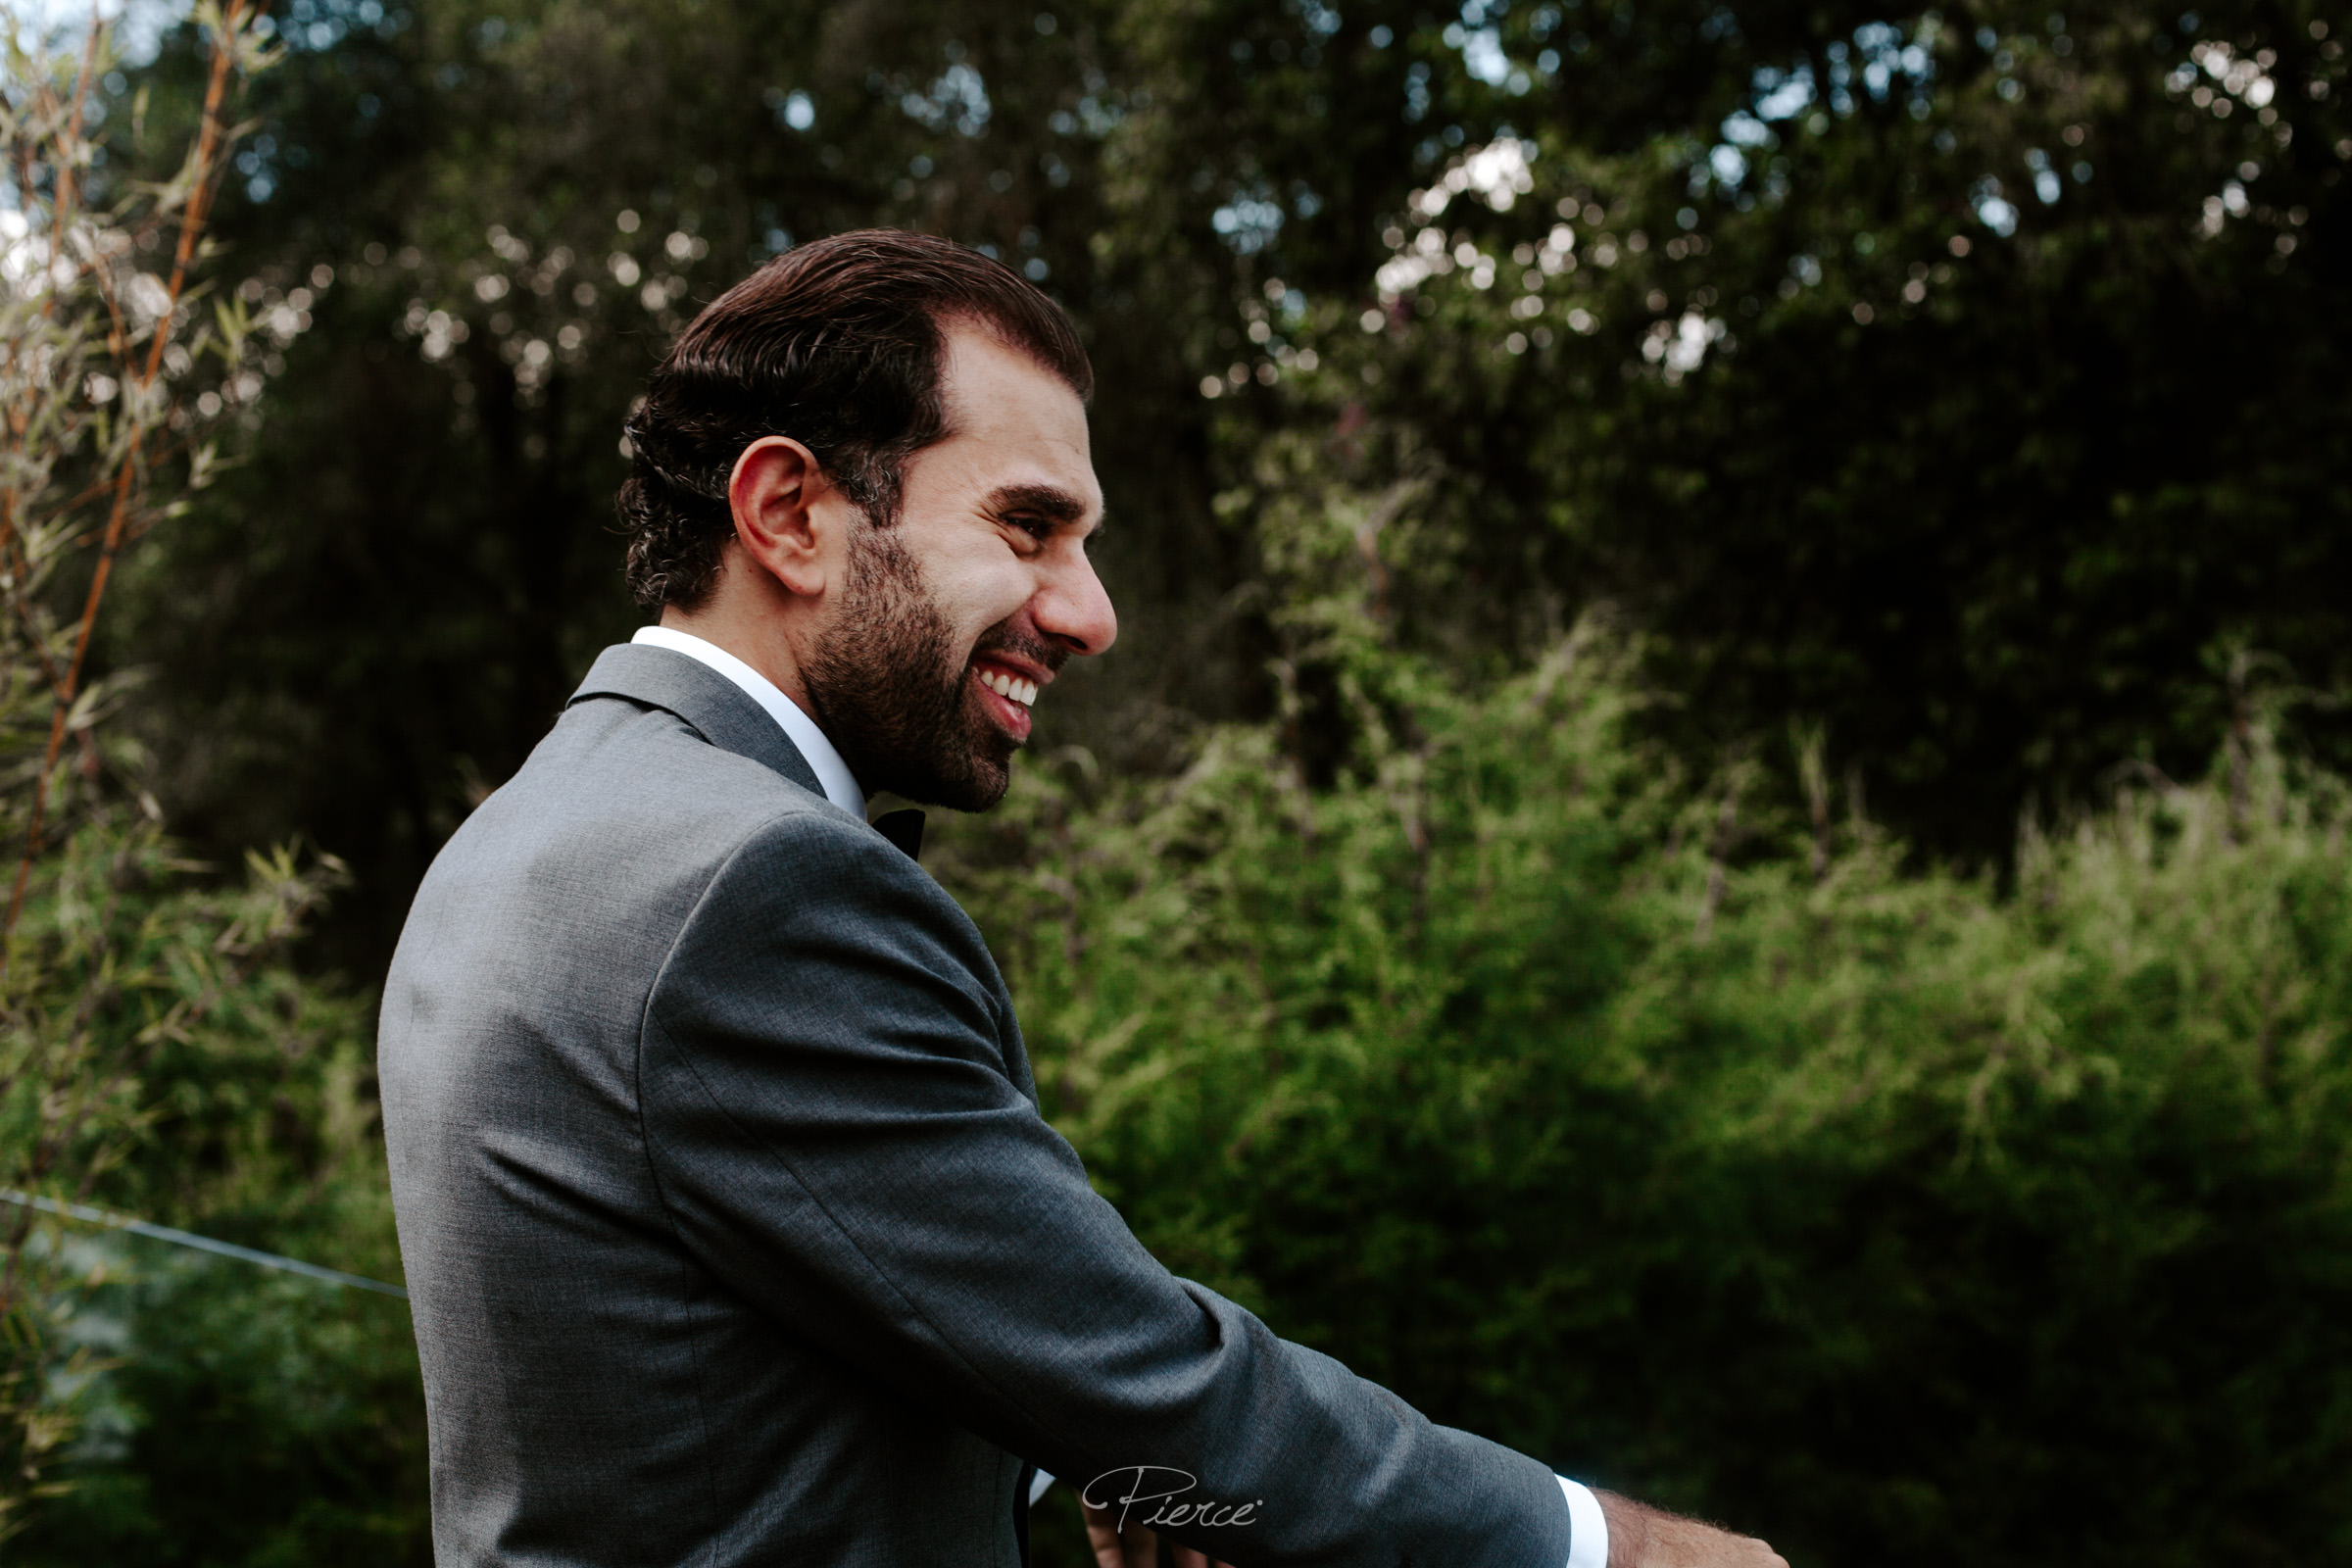 fotografia-de-boda-valle-de-bravo-mexico-rosmarino-pierce-weddings-0015.JPG